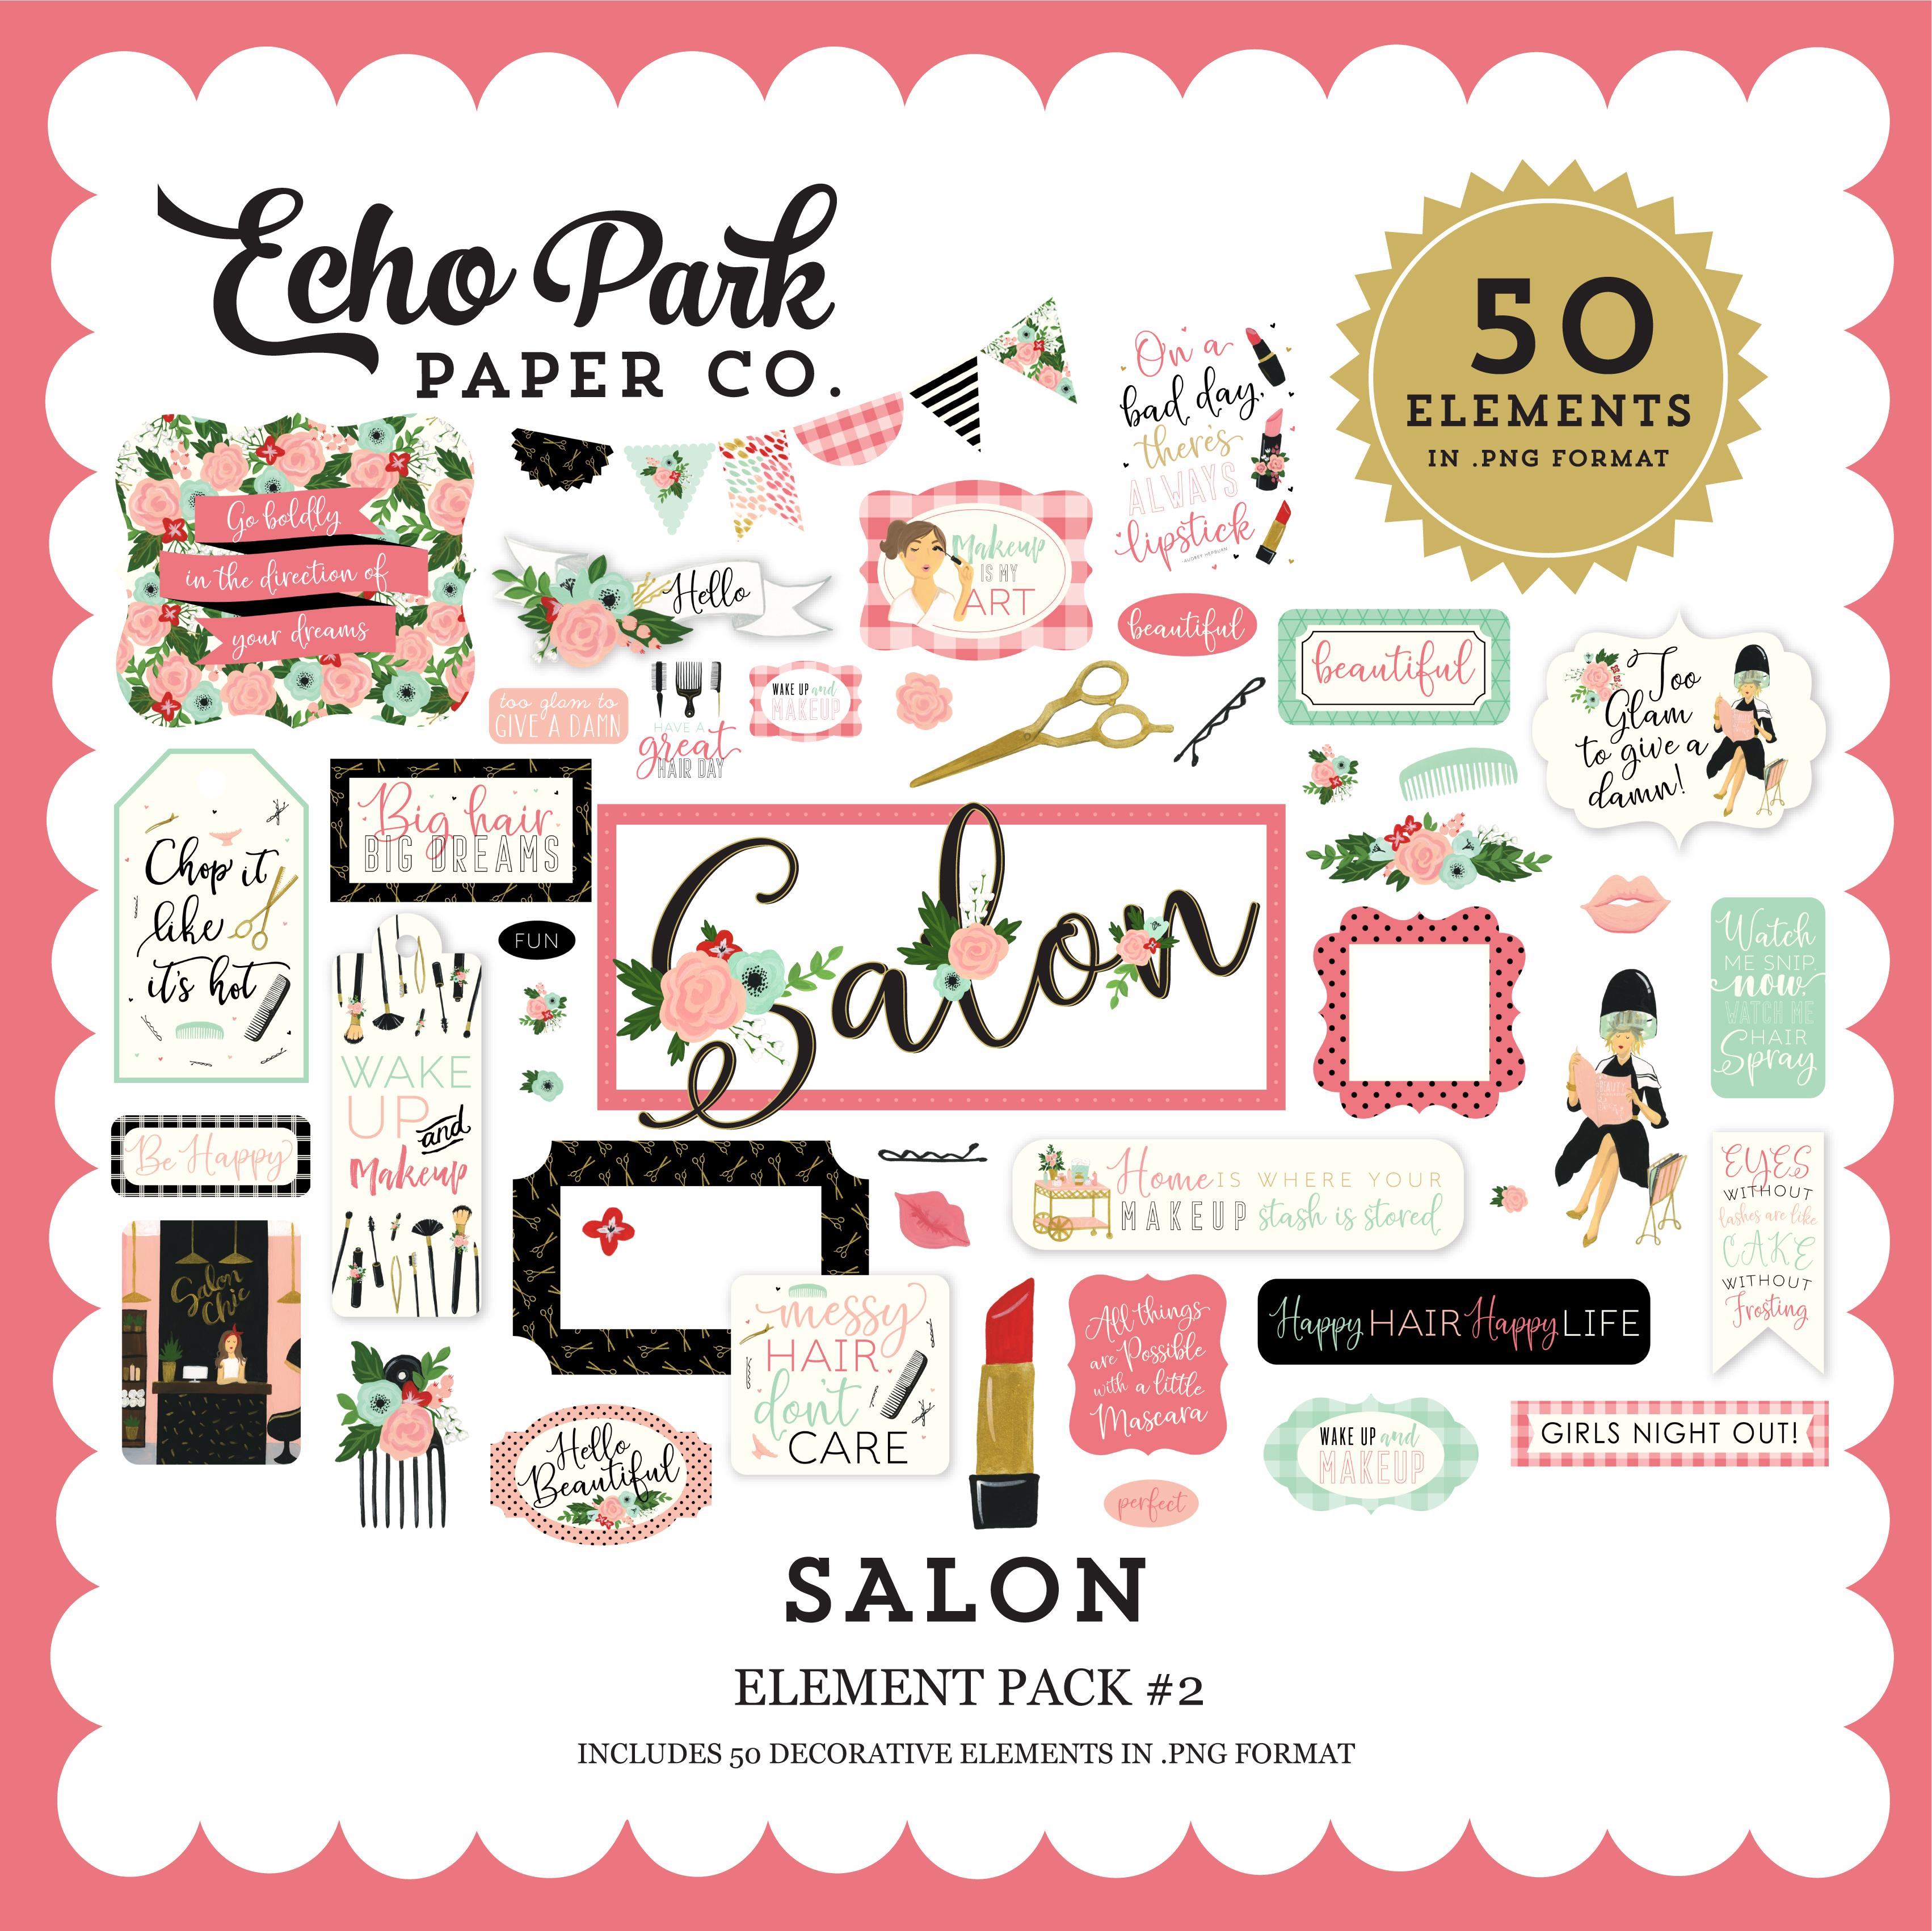 Salon Element Pack #2